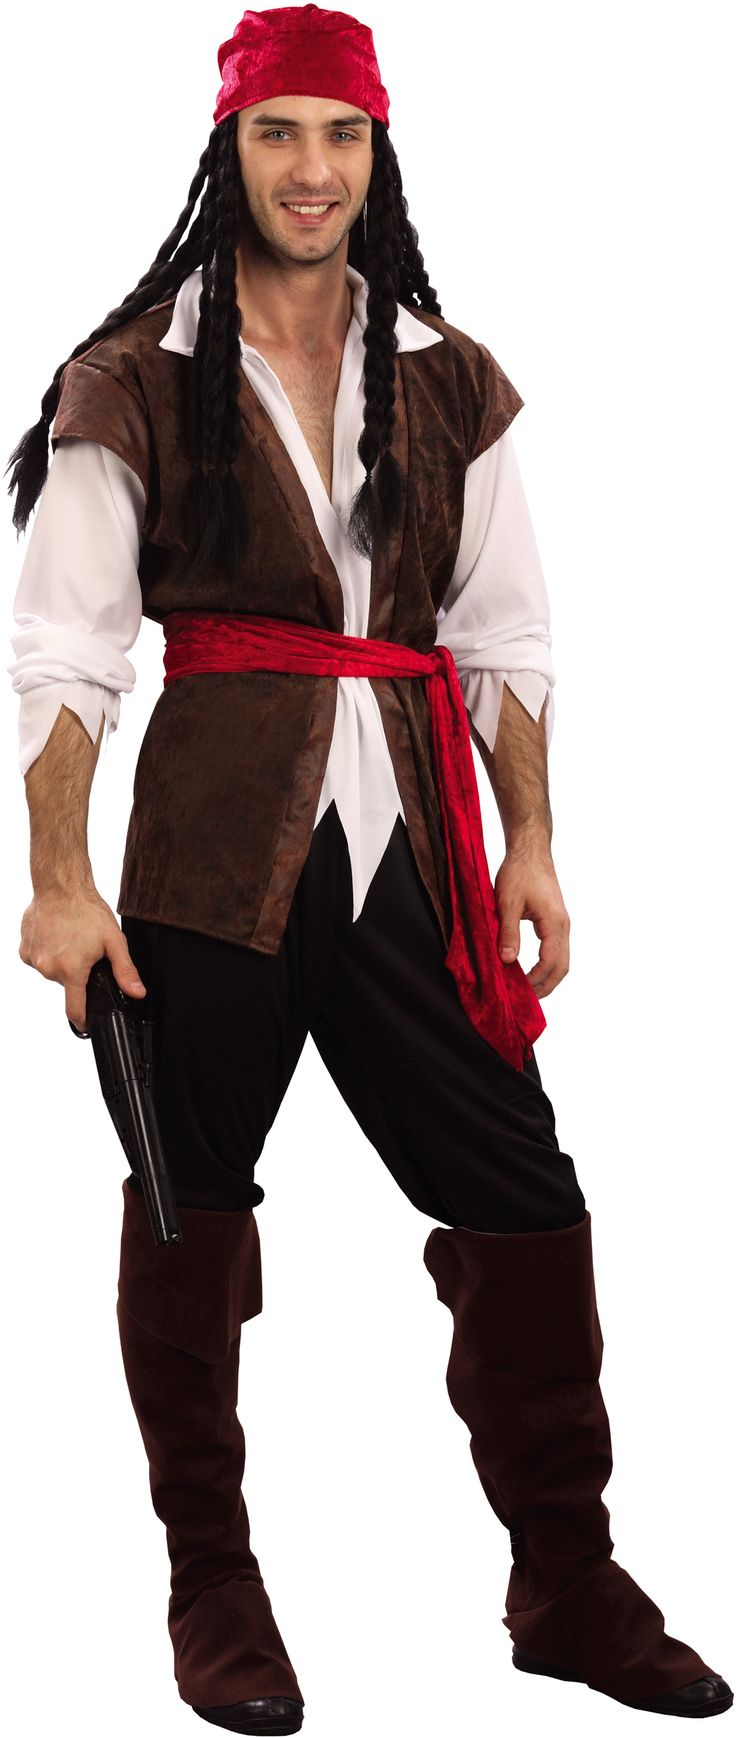 51 best disfraces de piratas carnaval images on pinterest